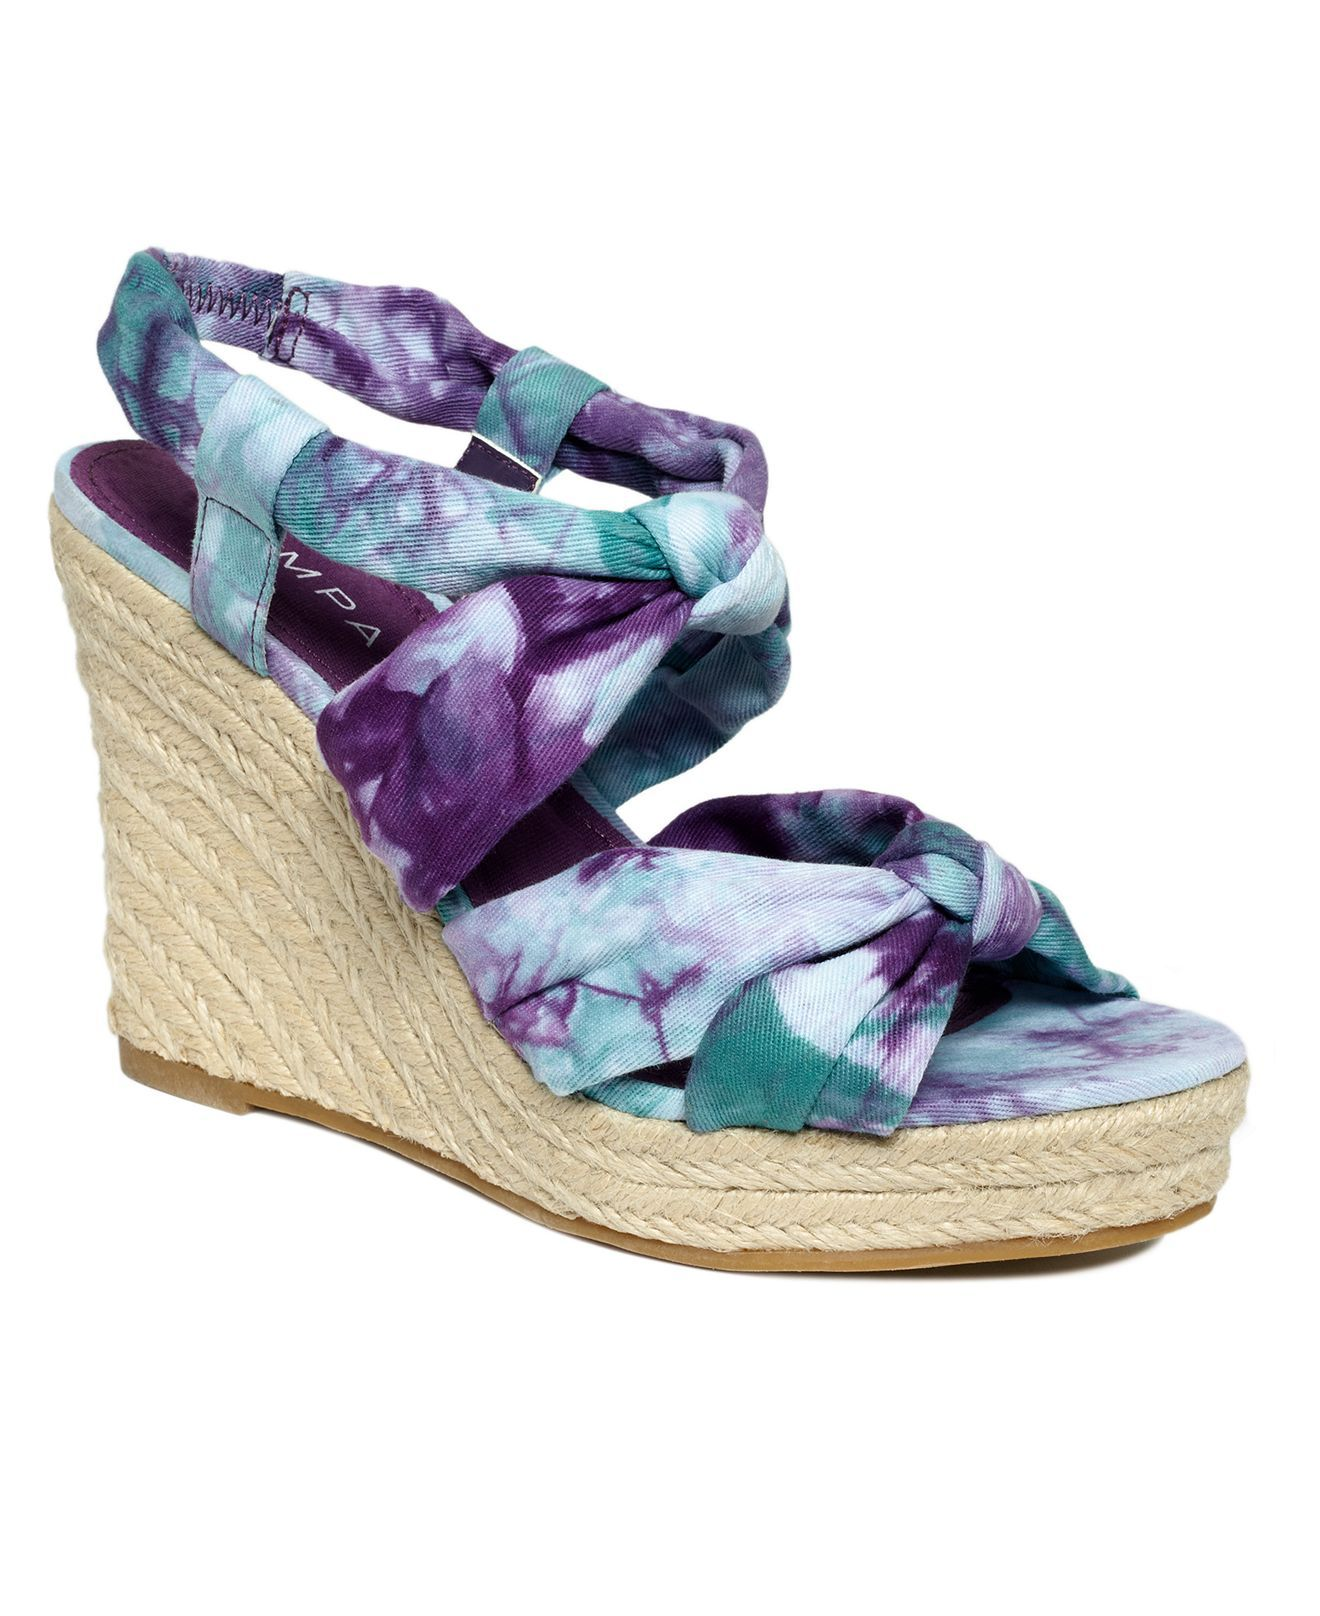 Tie Dye Wedges Wedge Wedding Shoes Wedge Sandals Wedges